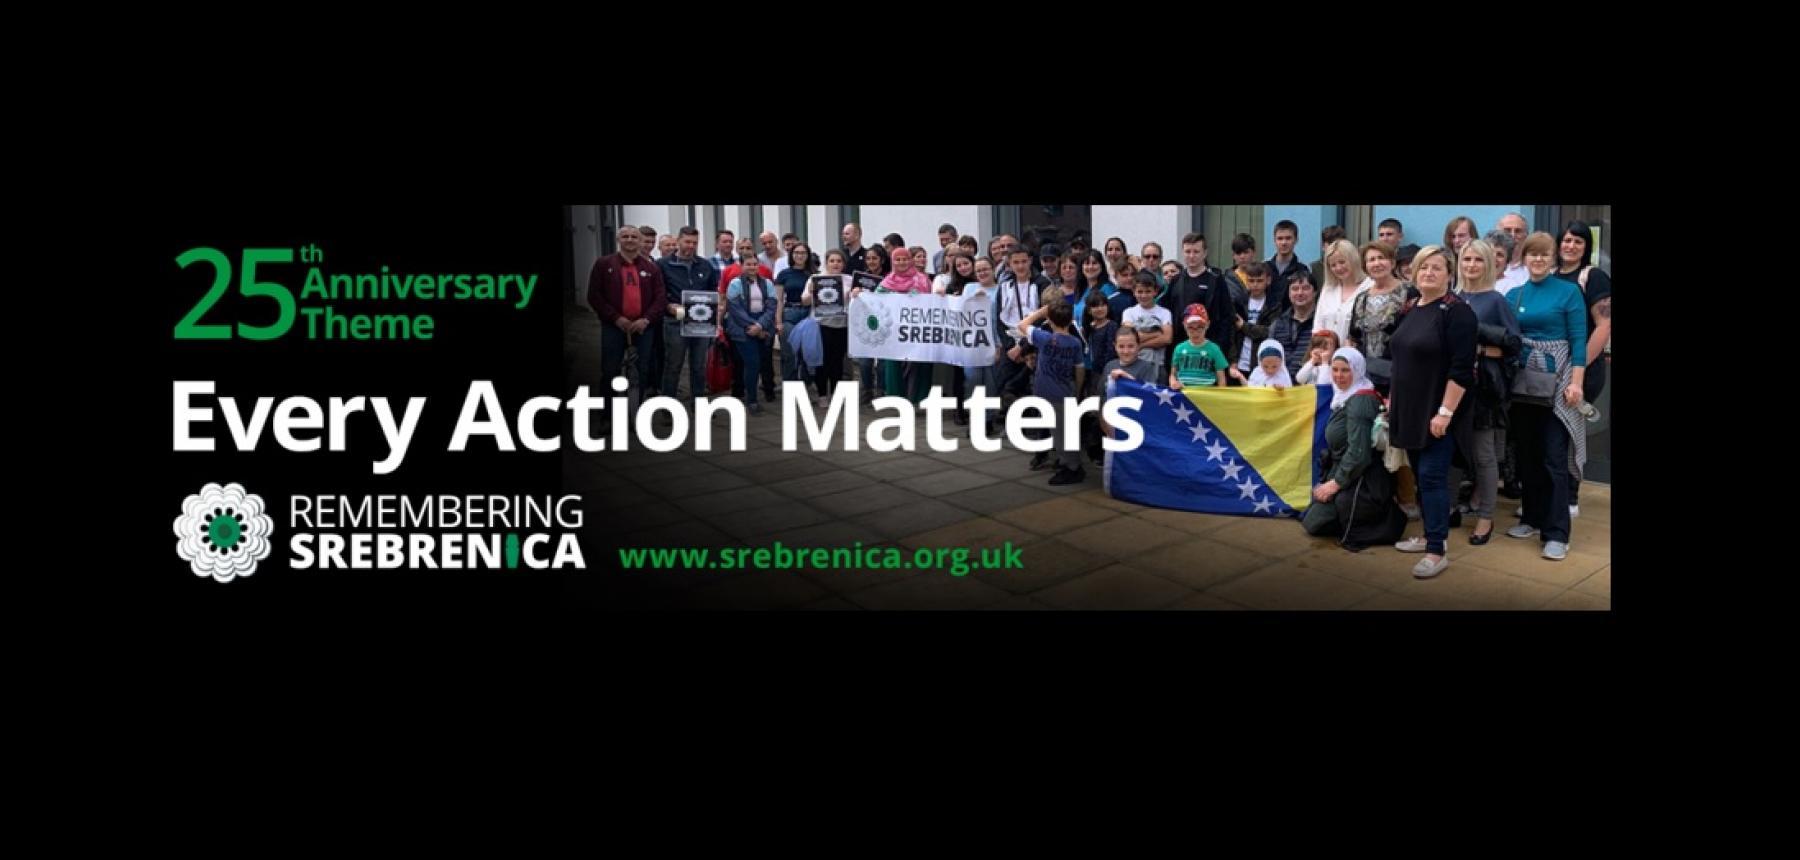 Remembering Srebrenica 2020 Campaign